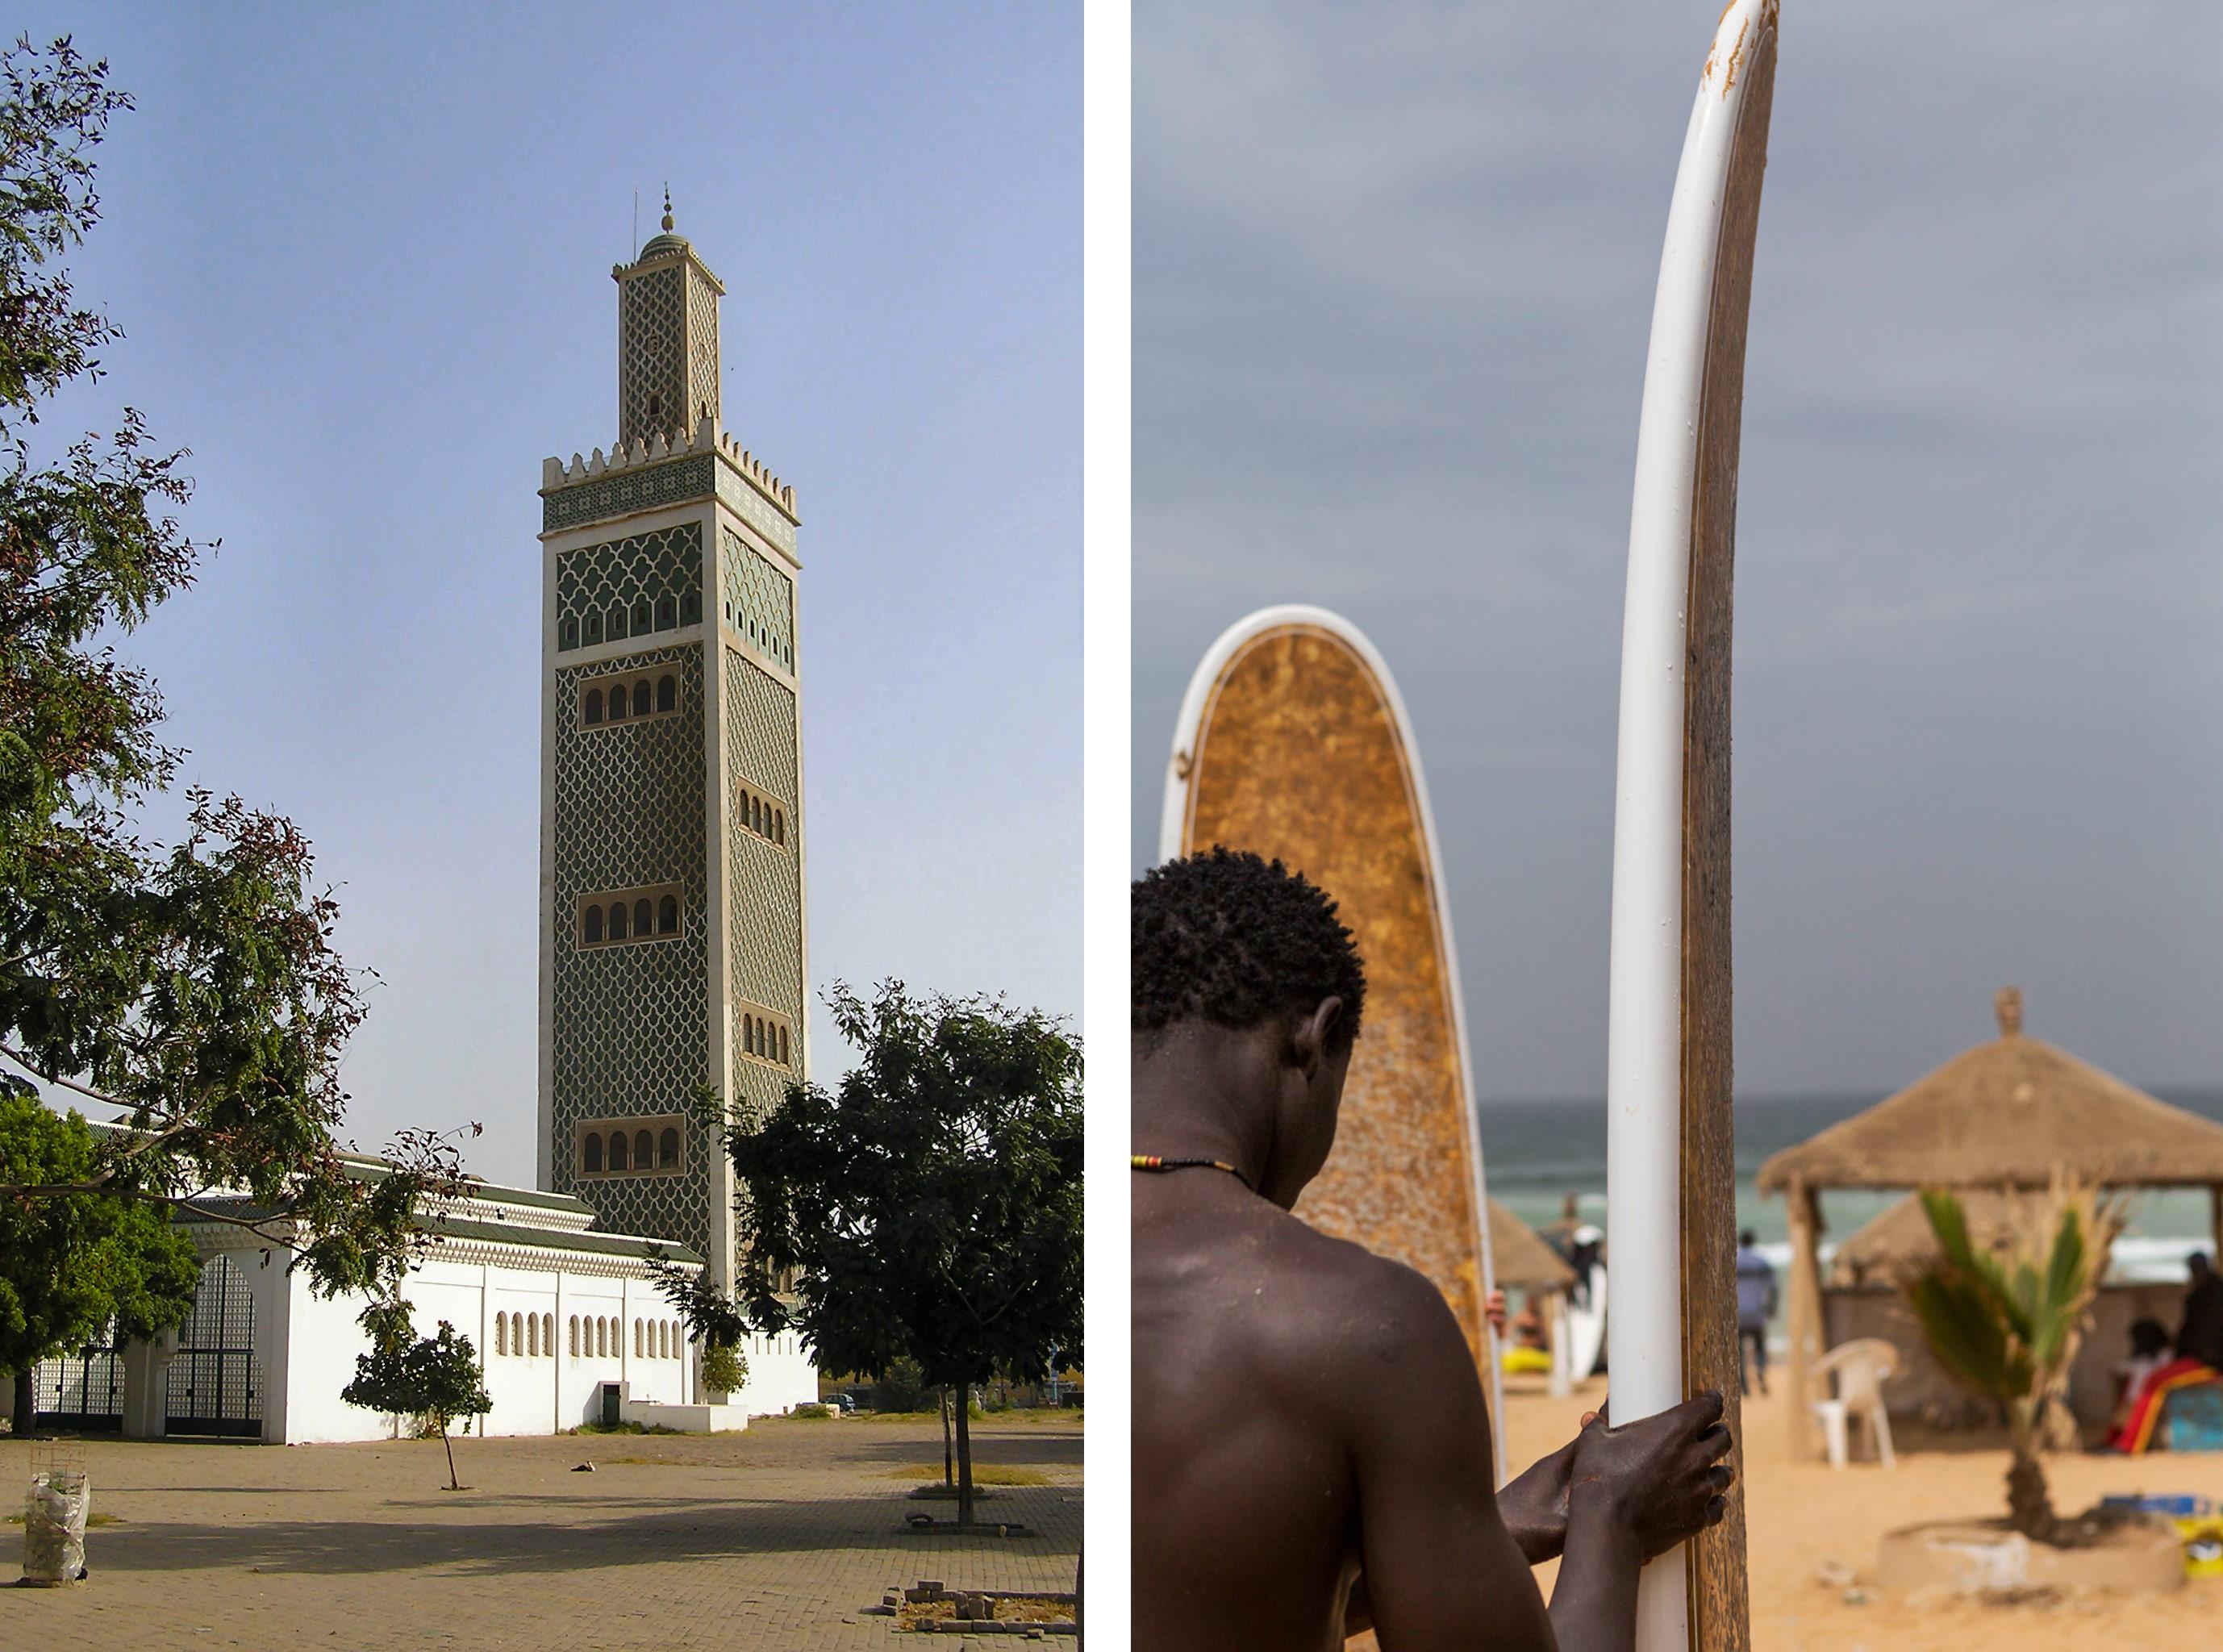 surfing-senegal-grand-mosque-dakar